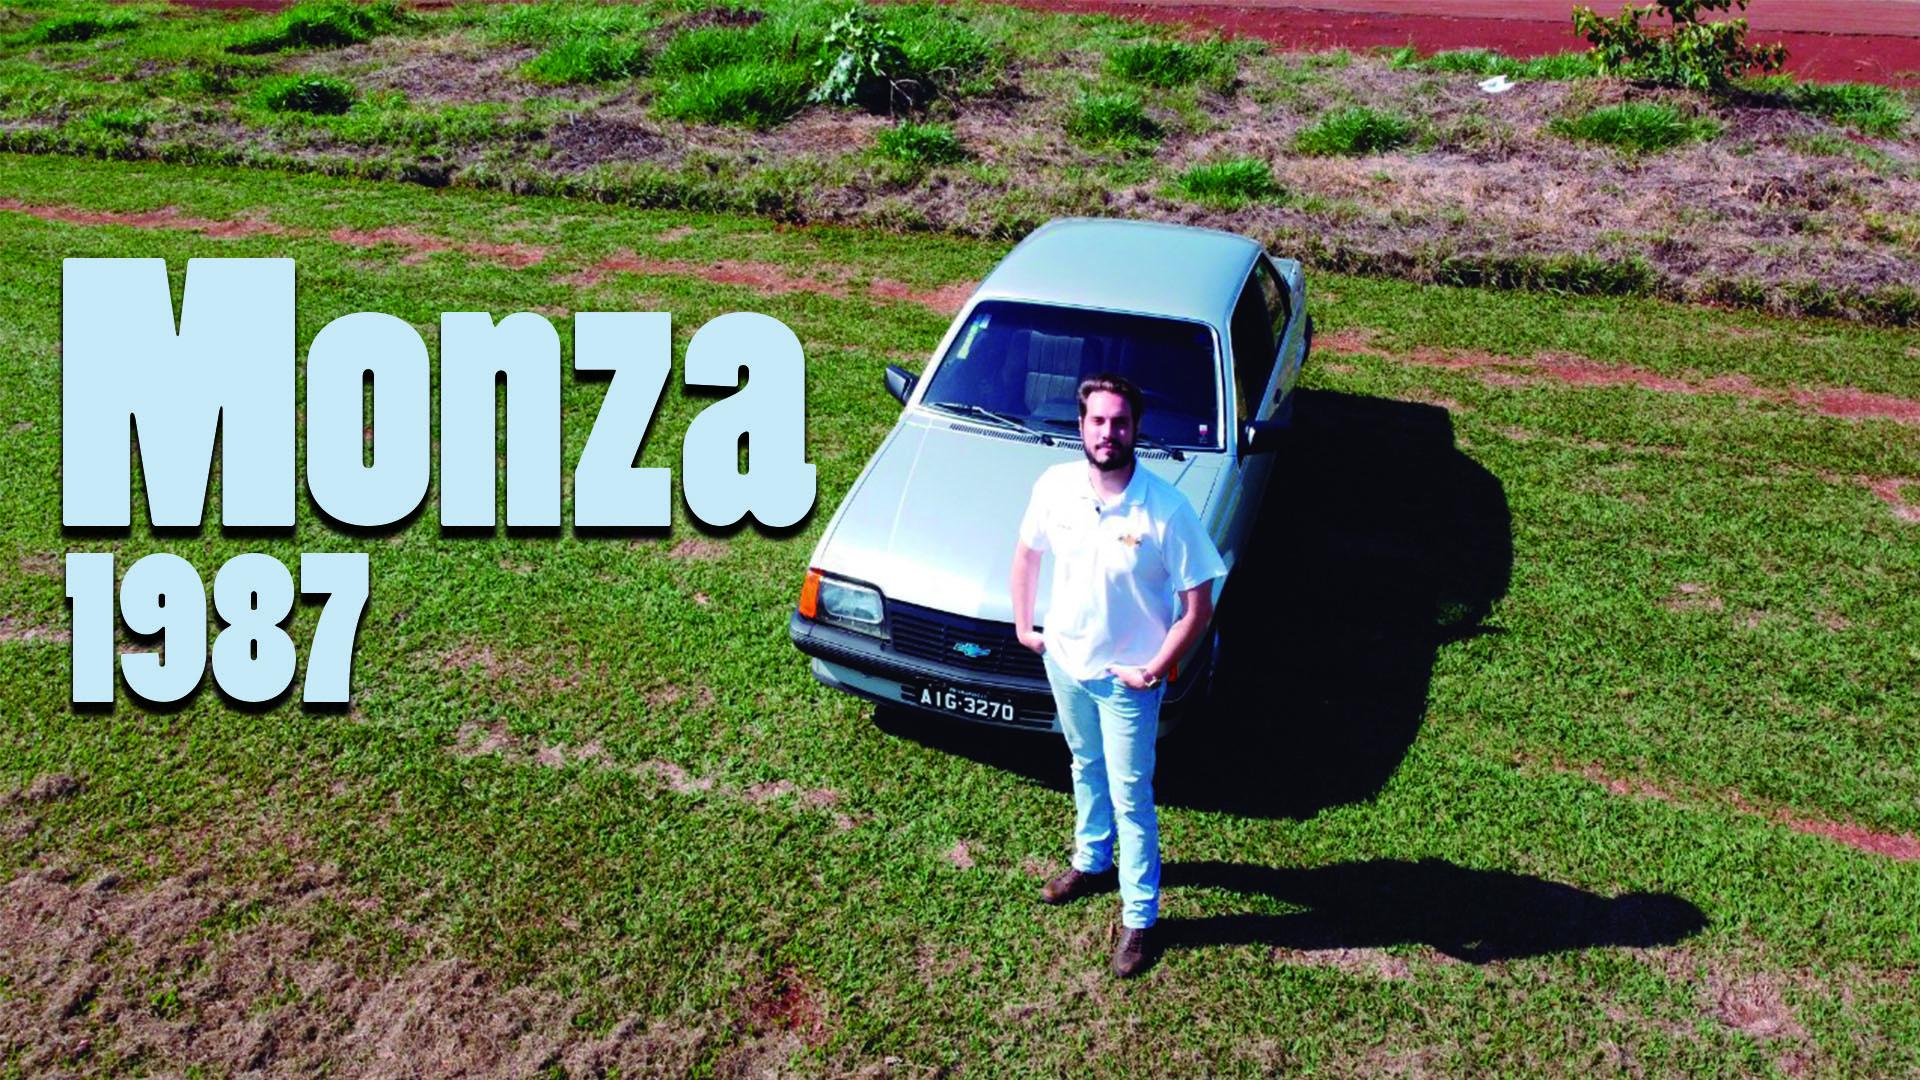 Carona Histórica: a história do Monza